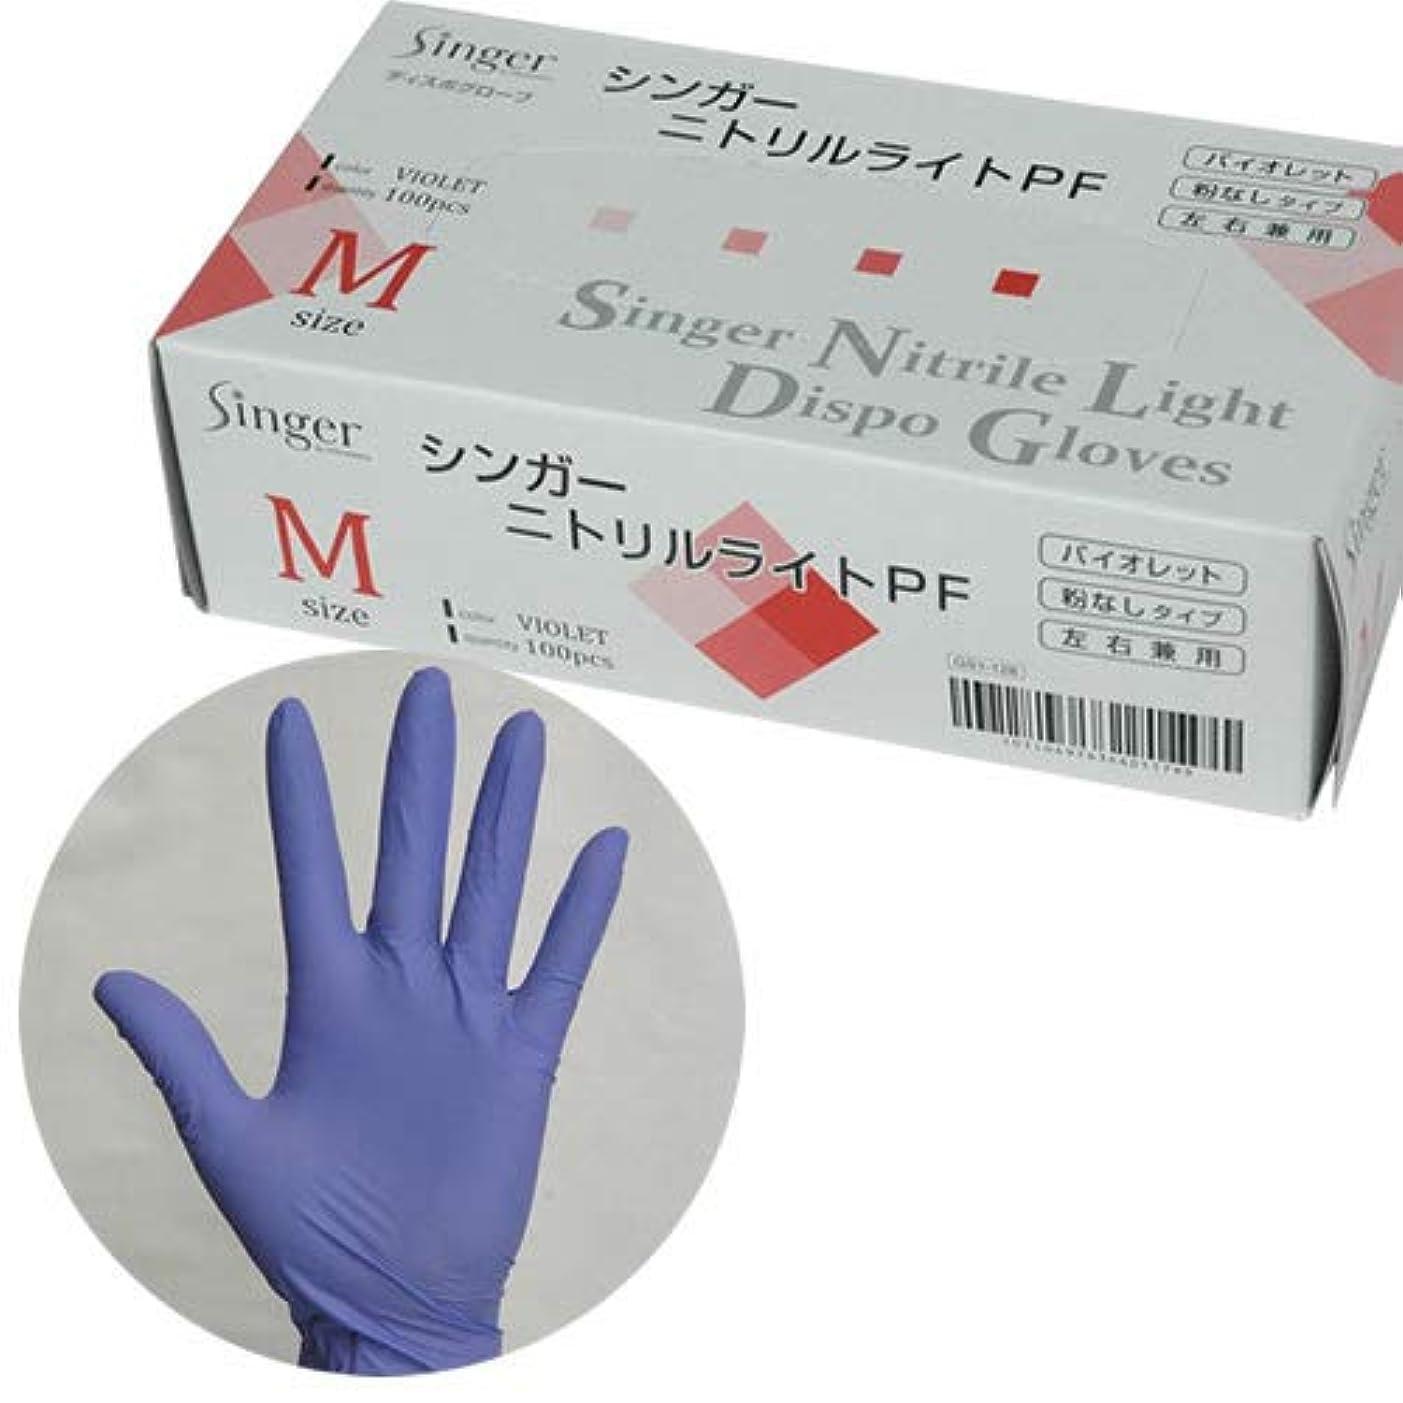 異形舌な宣教師シンガー ニトリルライトPF粉なし2000枚 (100枚入り×20箱) (M)